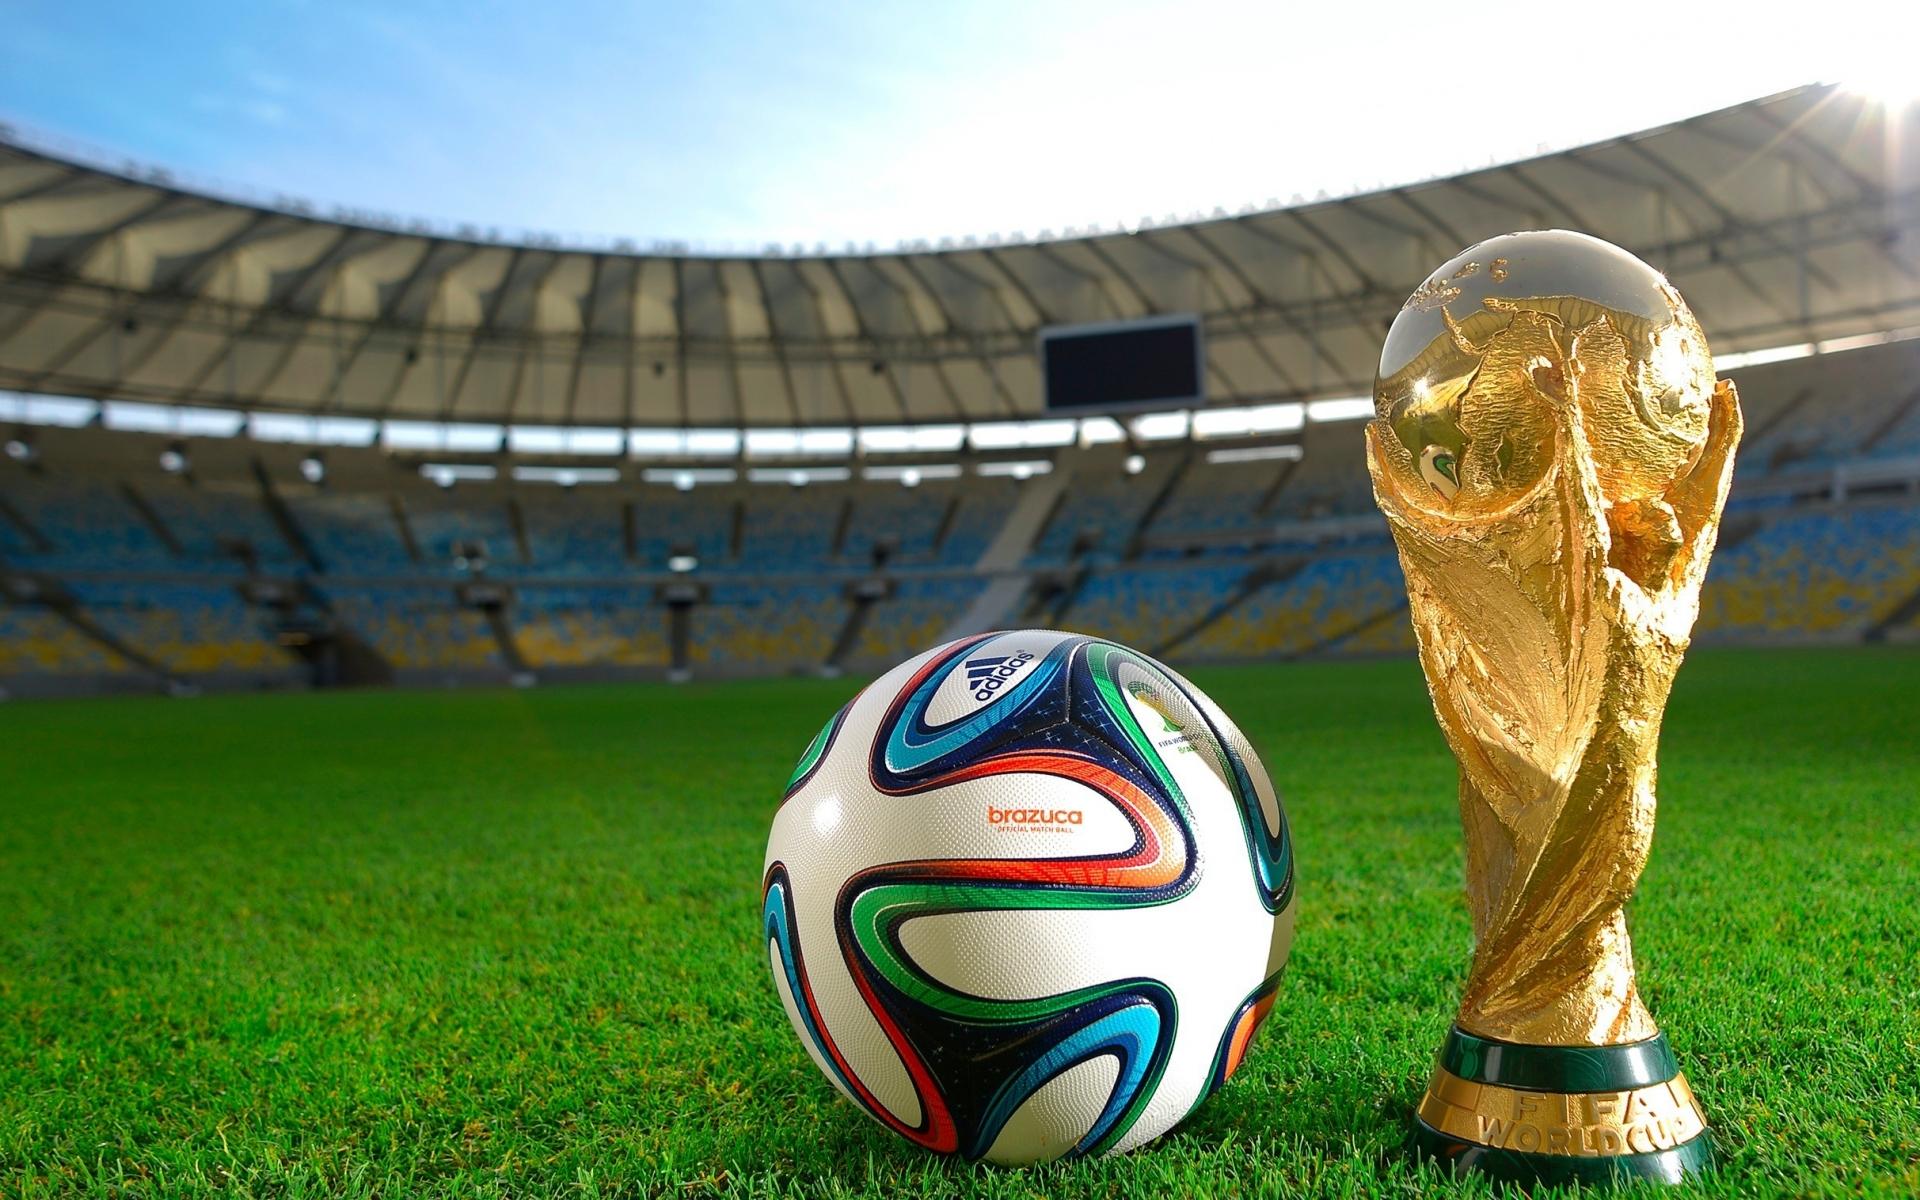 Brazuca y Fifa 2014 - 1920x1200